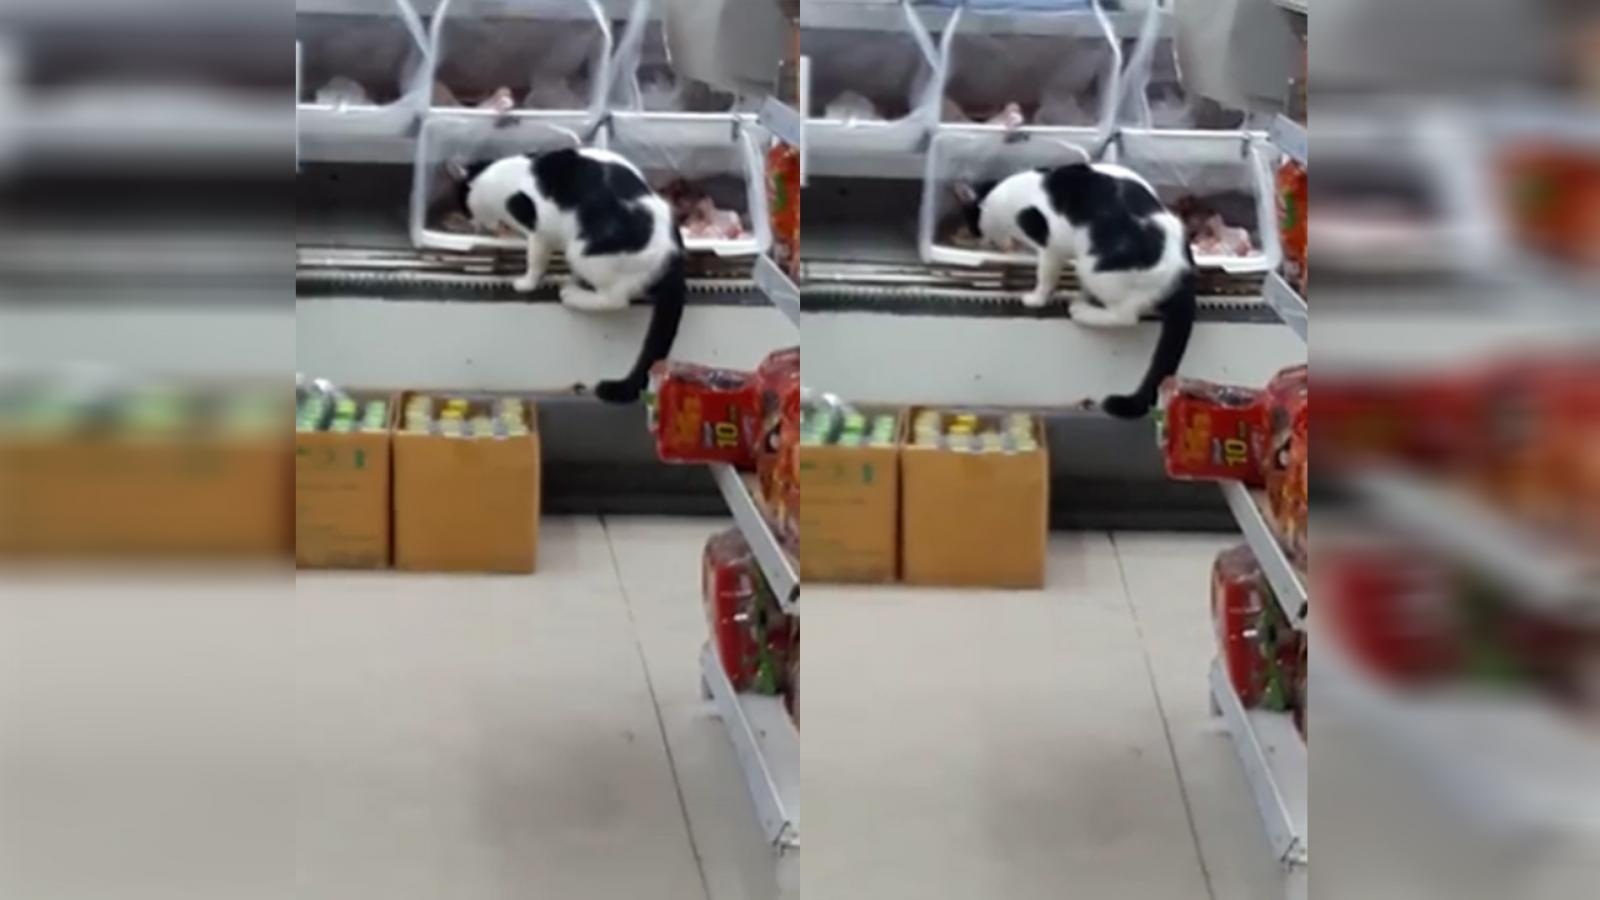 ชาวเน็ตแชร์! แมวย่องเบากินไก่ในห้าง หวั่นสินค้ามีเชื้อโรค